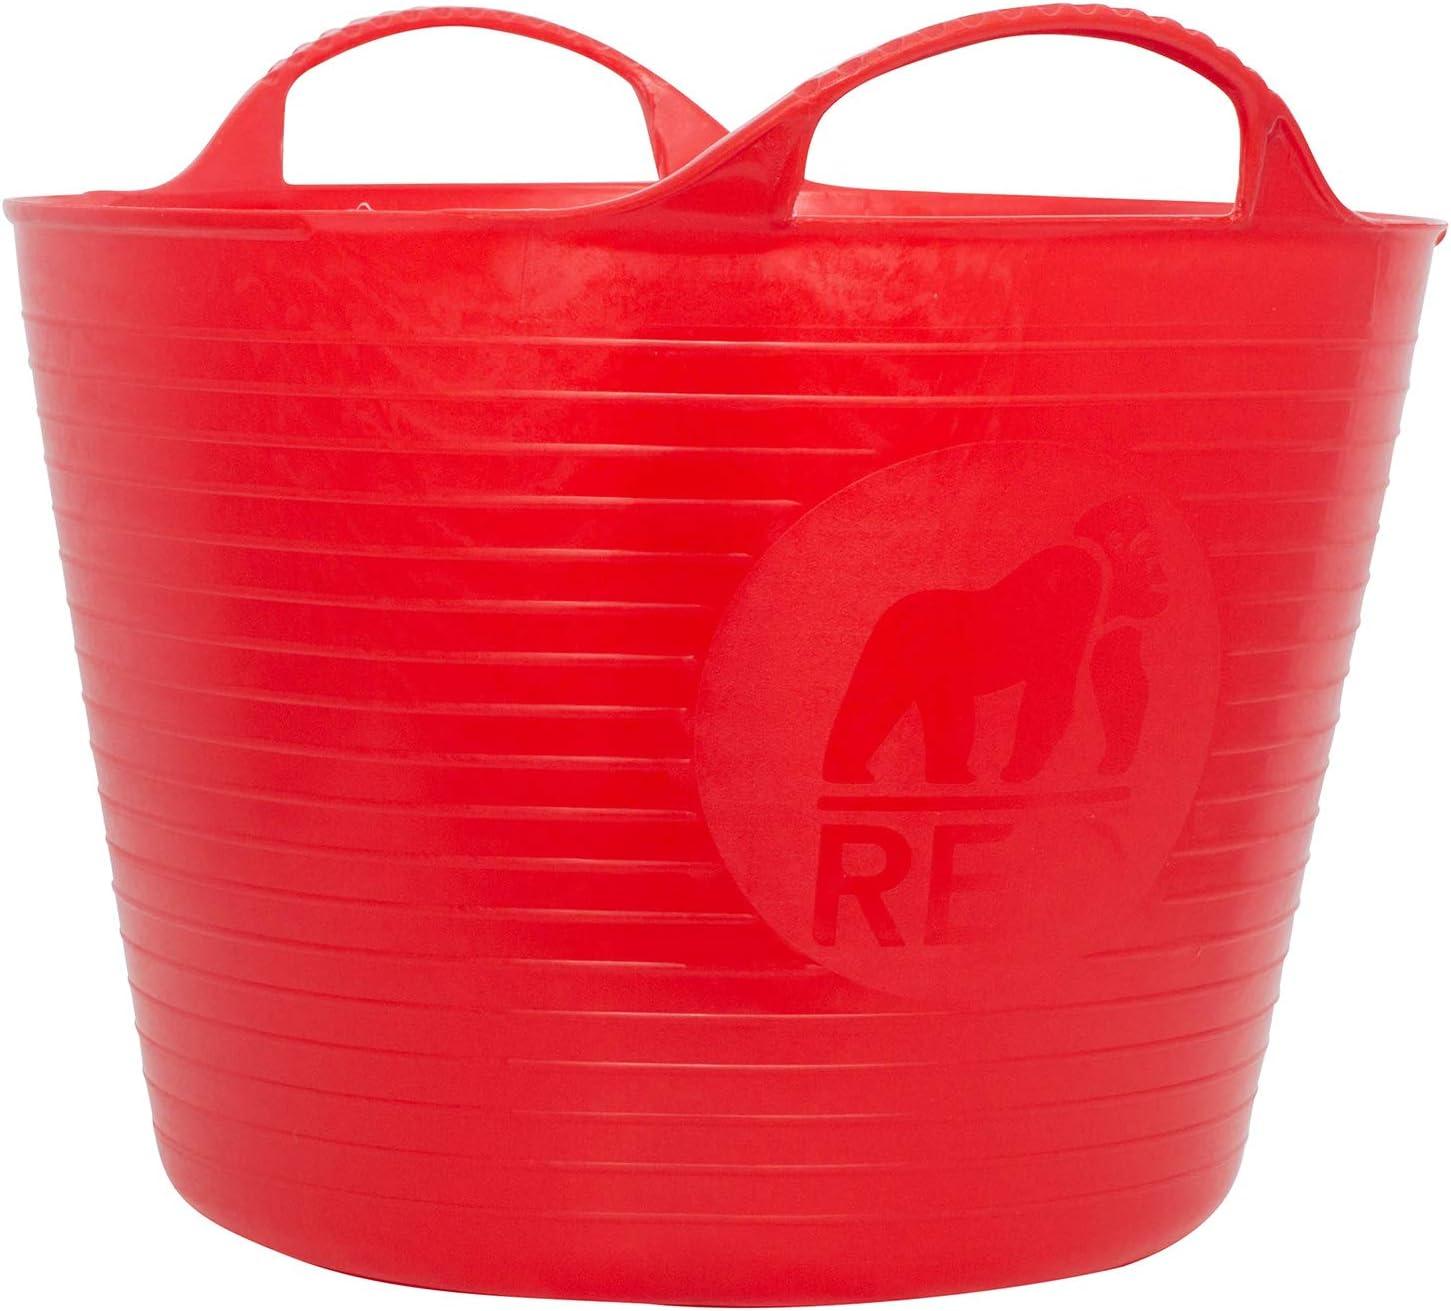 1,59 l 3.5 Gallon Red Seau de rangement Tubtrugs